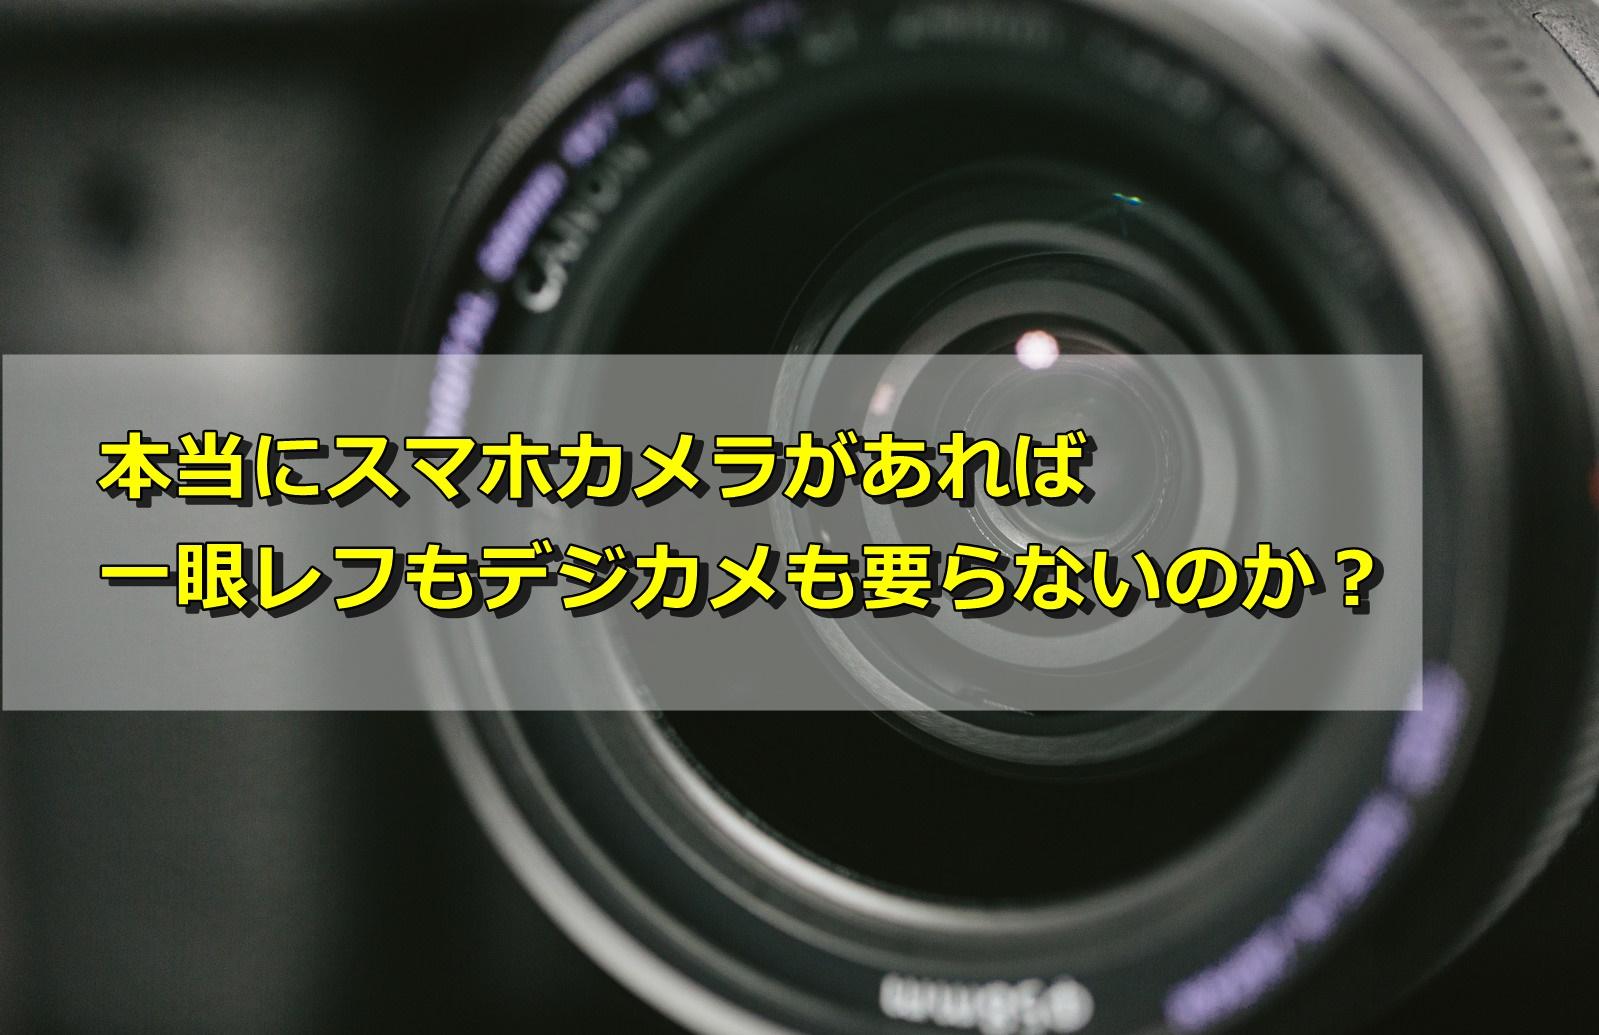 本当にスマホカメラがあれば一眼レフもデジカメも要らないのか?